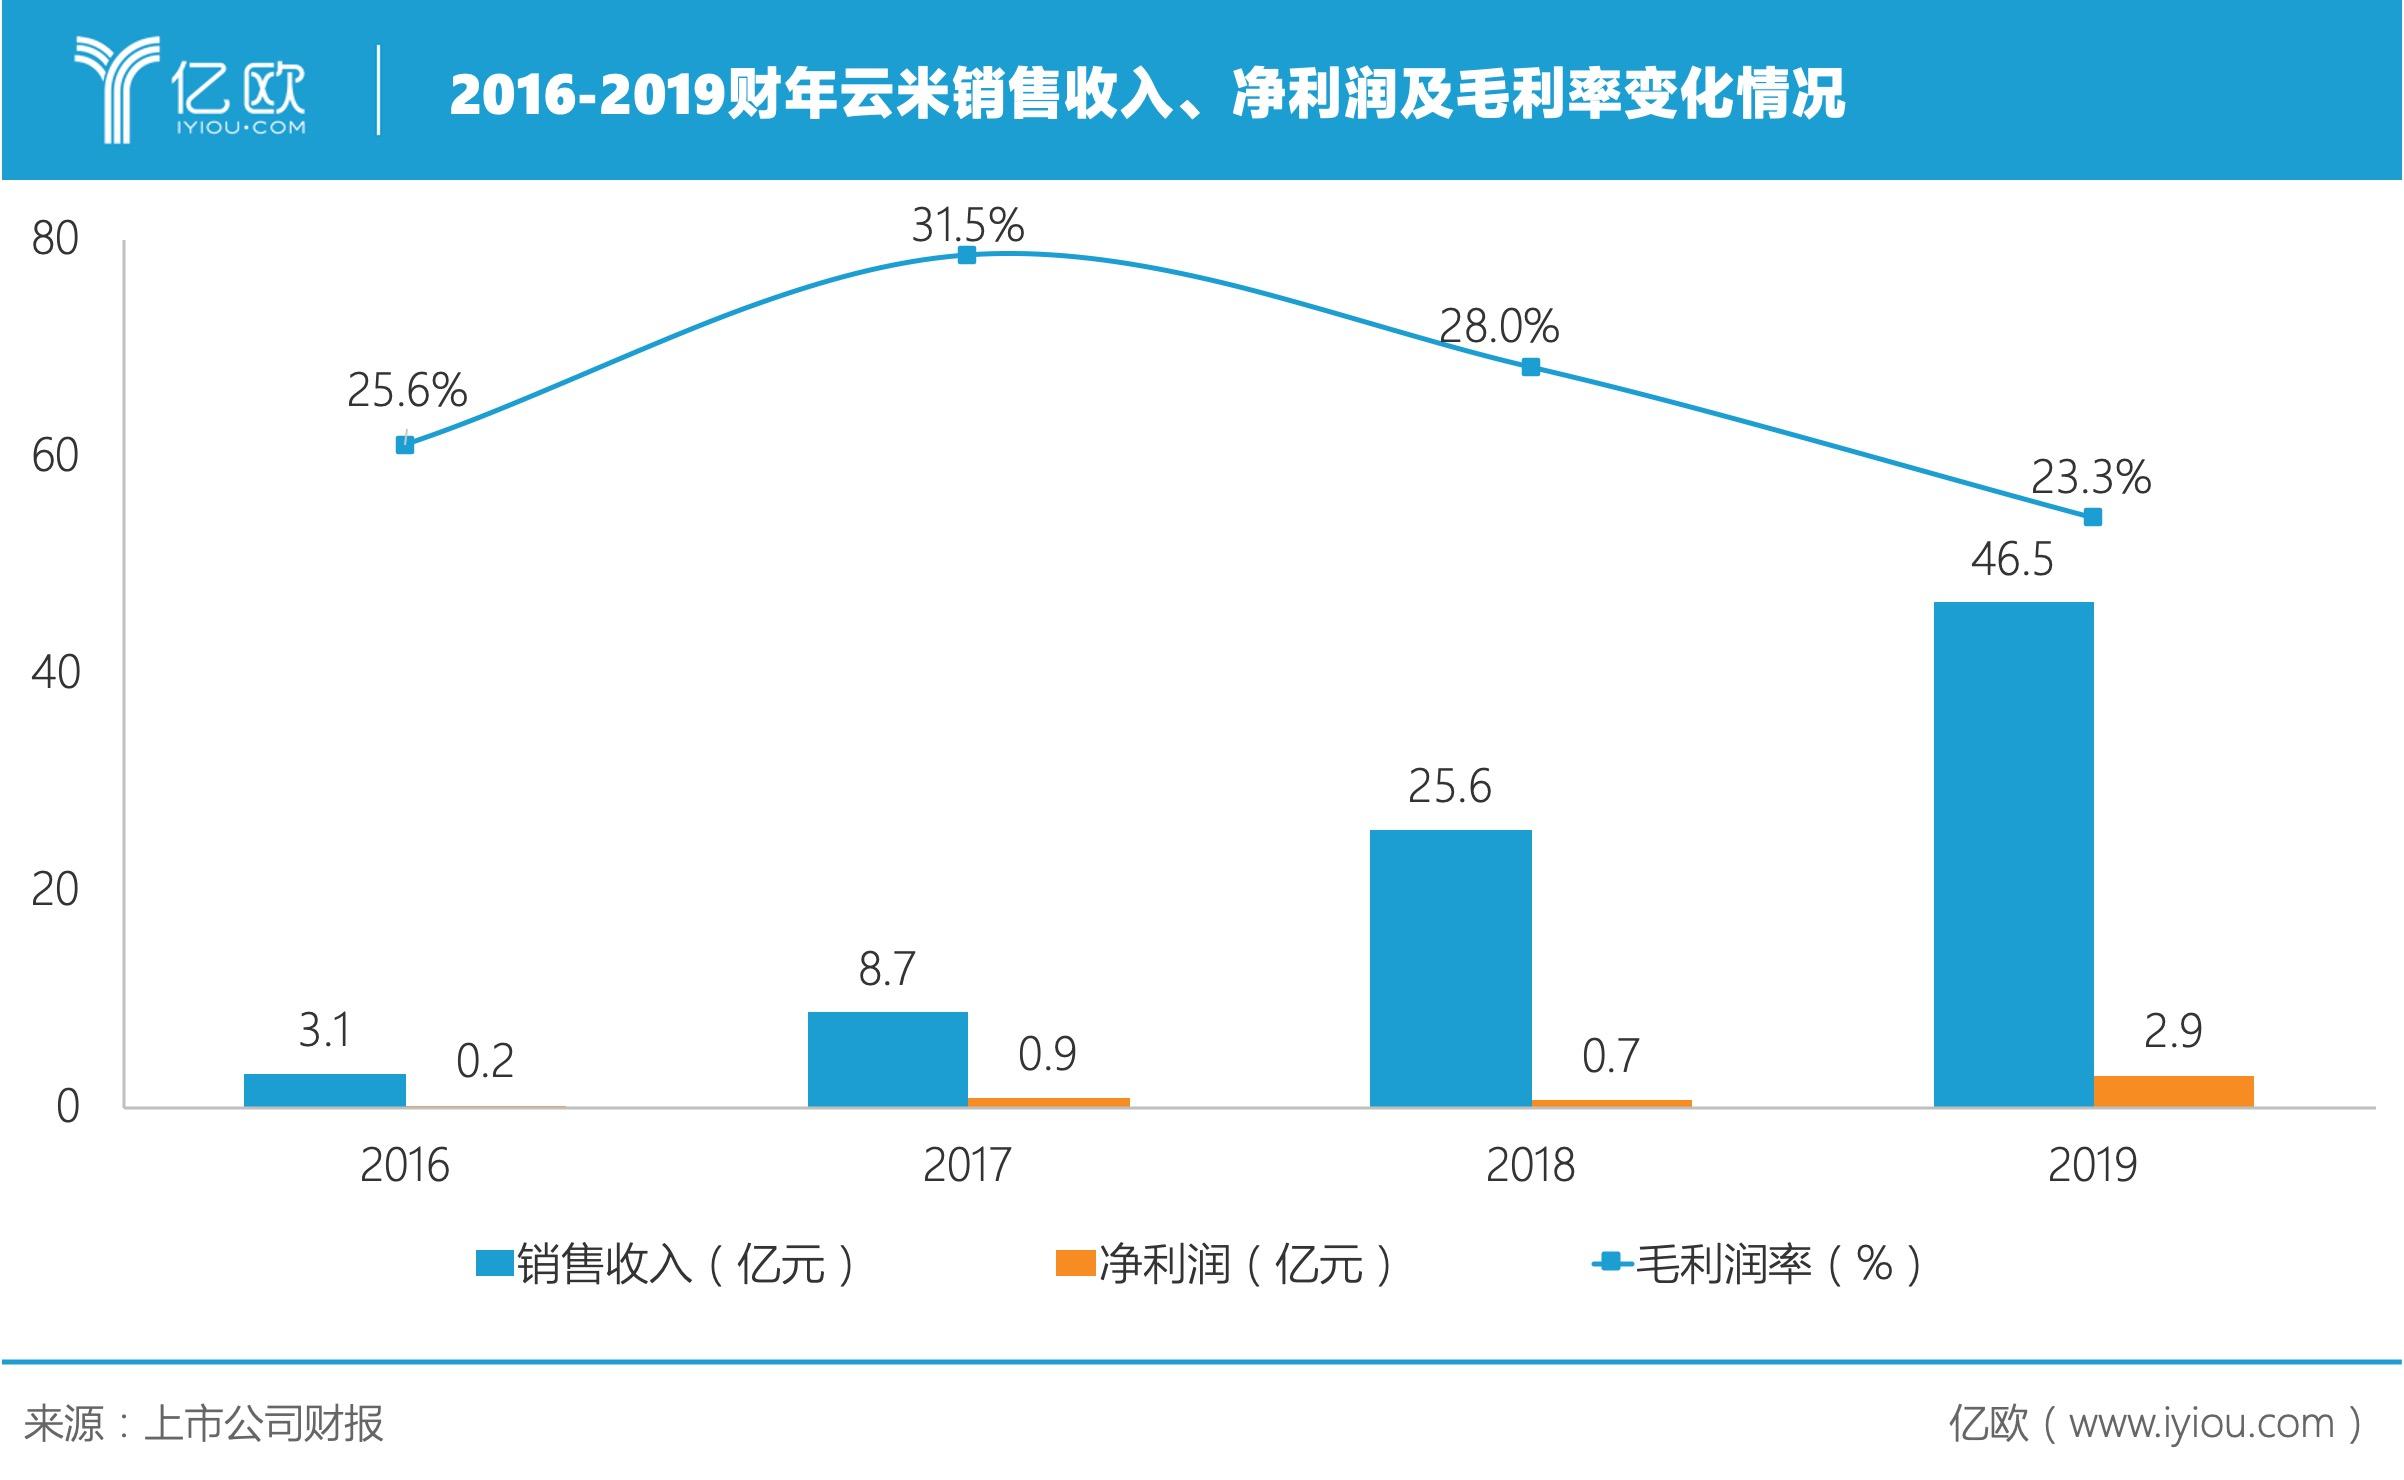 云米发布2019年报,全年销售收入46.5亿元